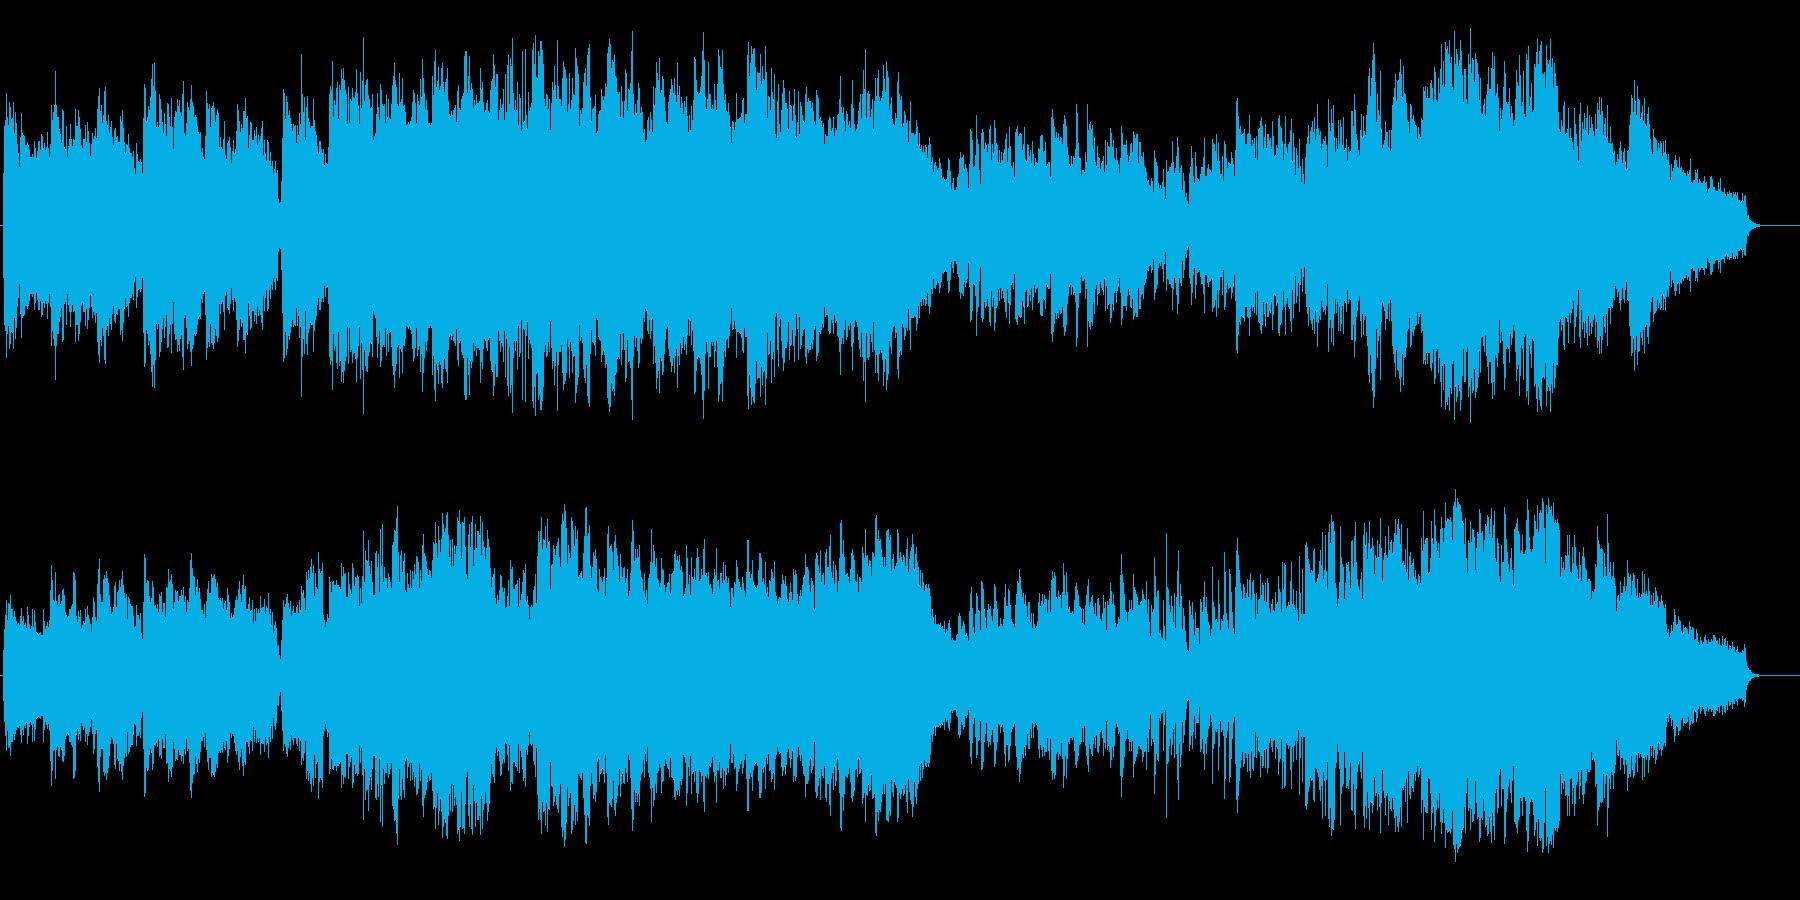 楽園思想のシンフォニックオーケストラの再生済みの波形